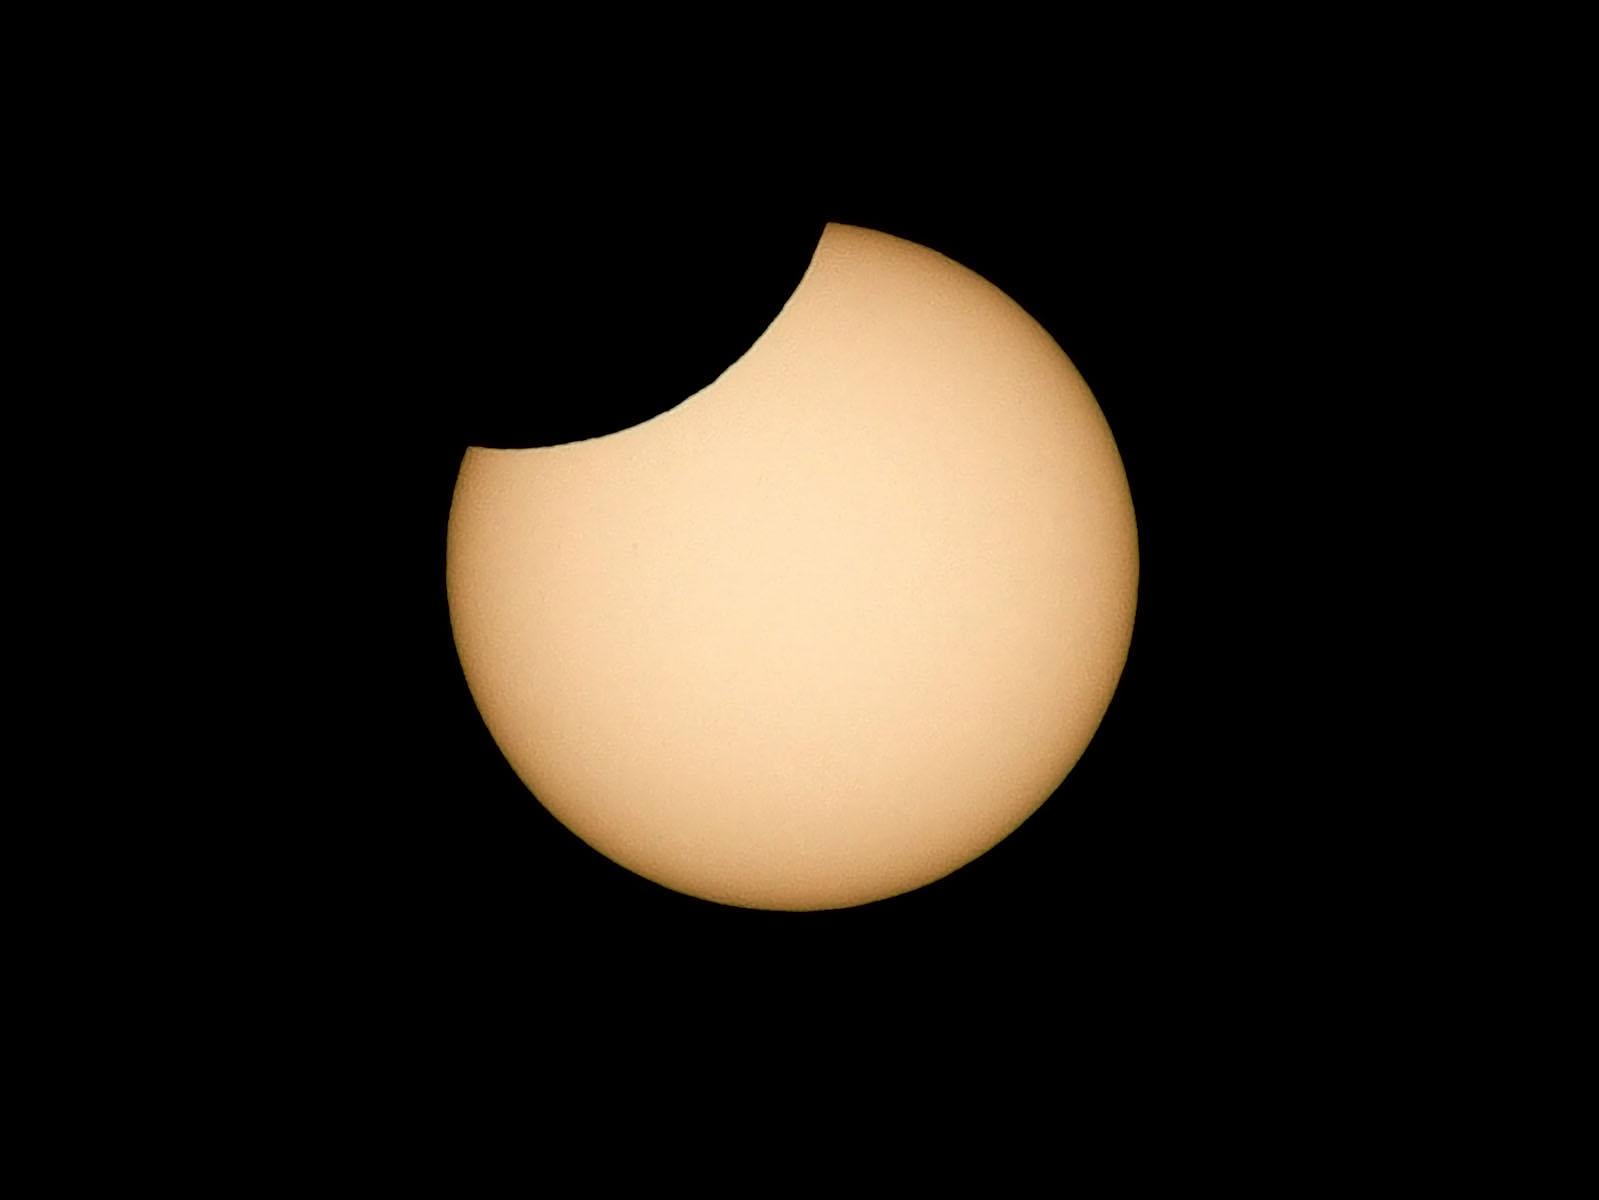 ramon-vaquero_eclipse_jun-21_